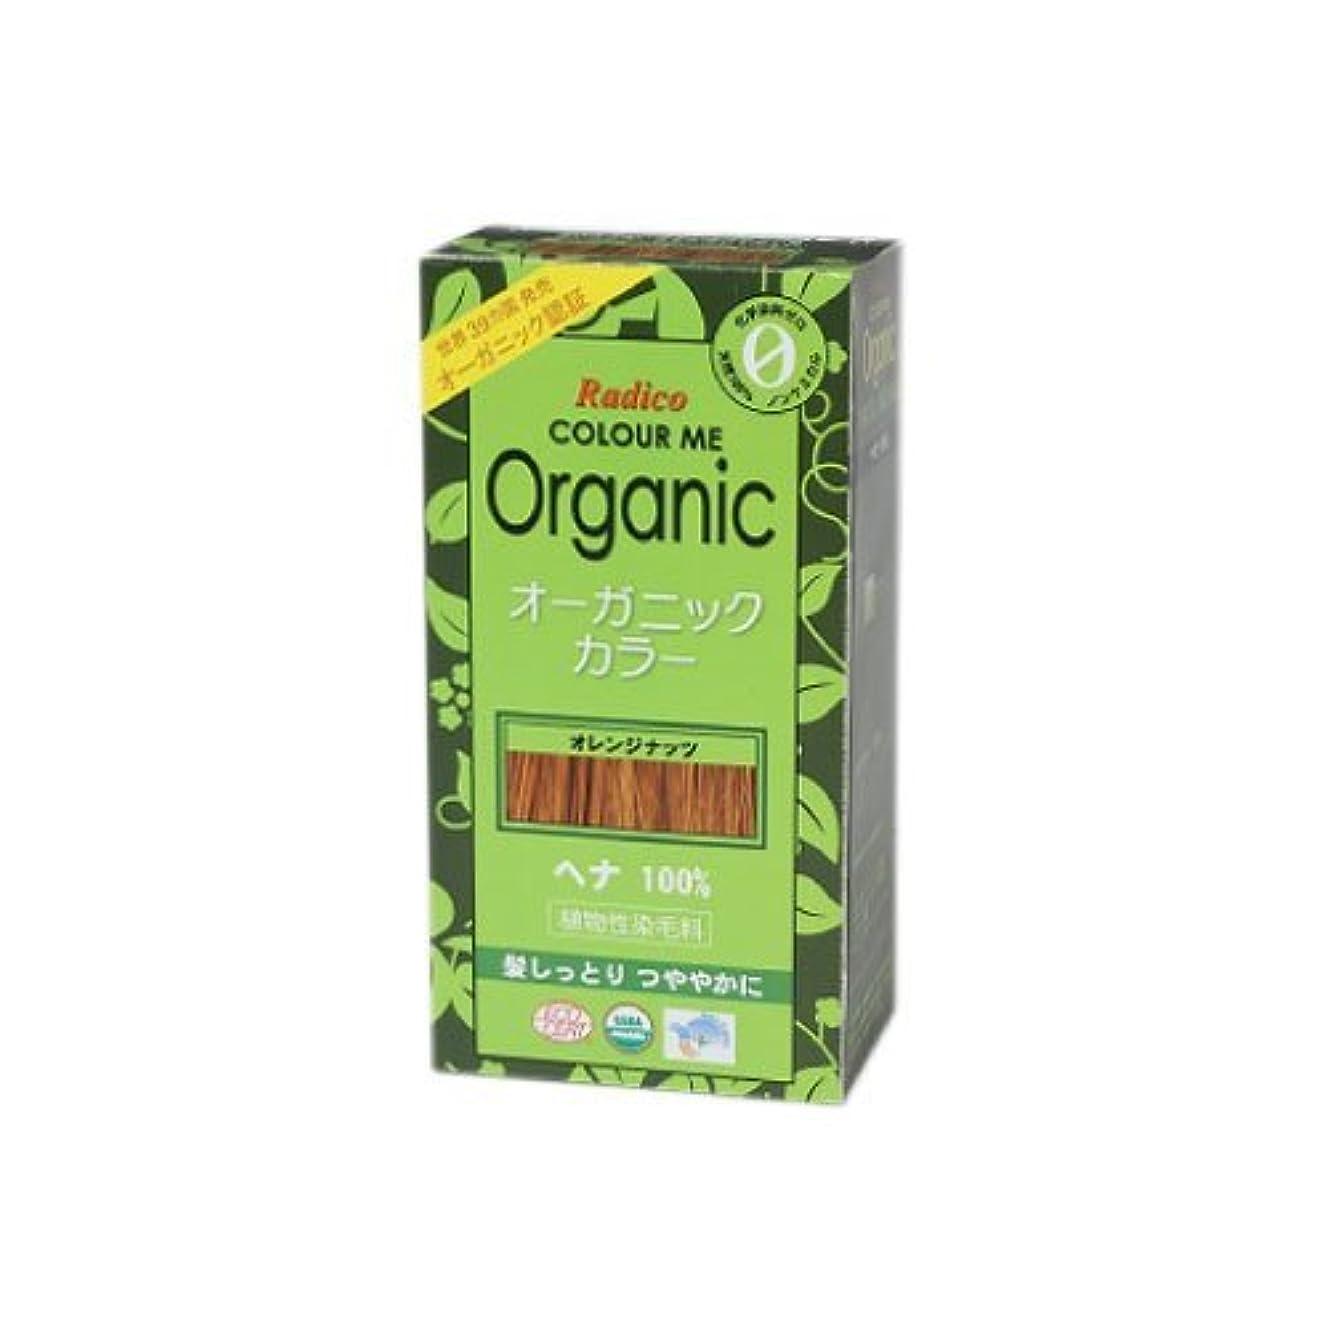 ドック自治サイドボードCOLOURME Organic (カラーミーオーガニック ヘナ 白髪用) オレンジナッツ 100g